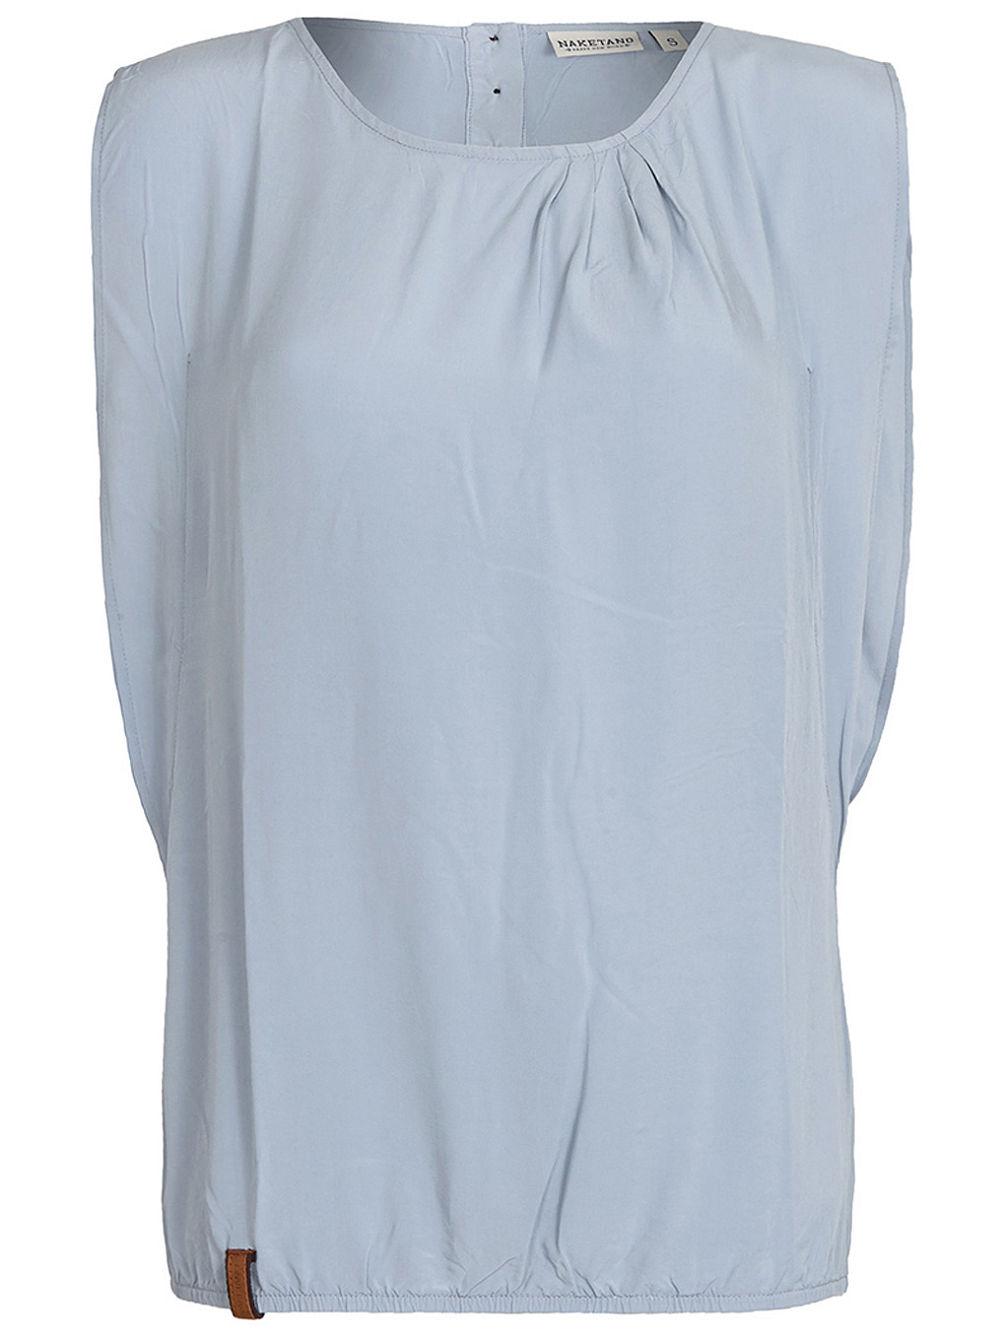 buy naketano delikatizzy vi t shirt online at blue. Black Bedroom Furniture Sets. Home Design Ideas